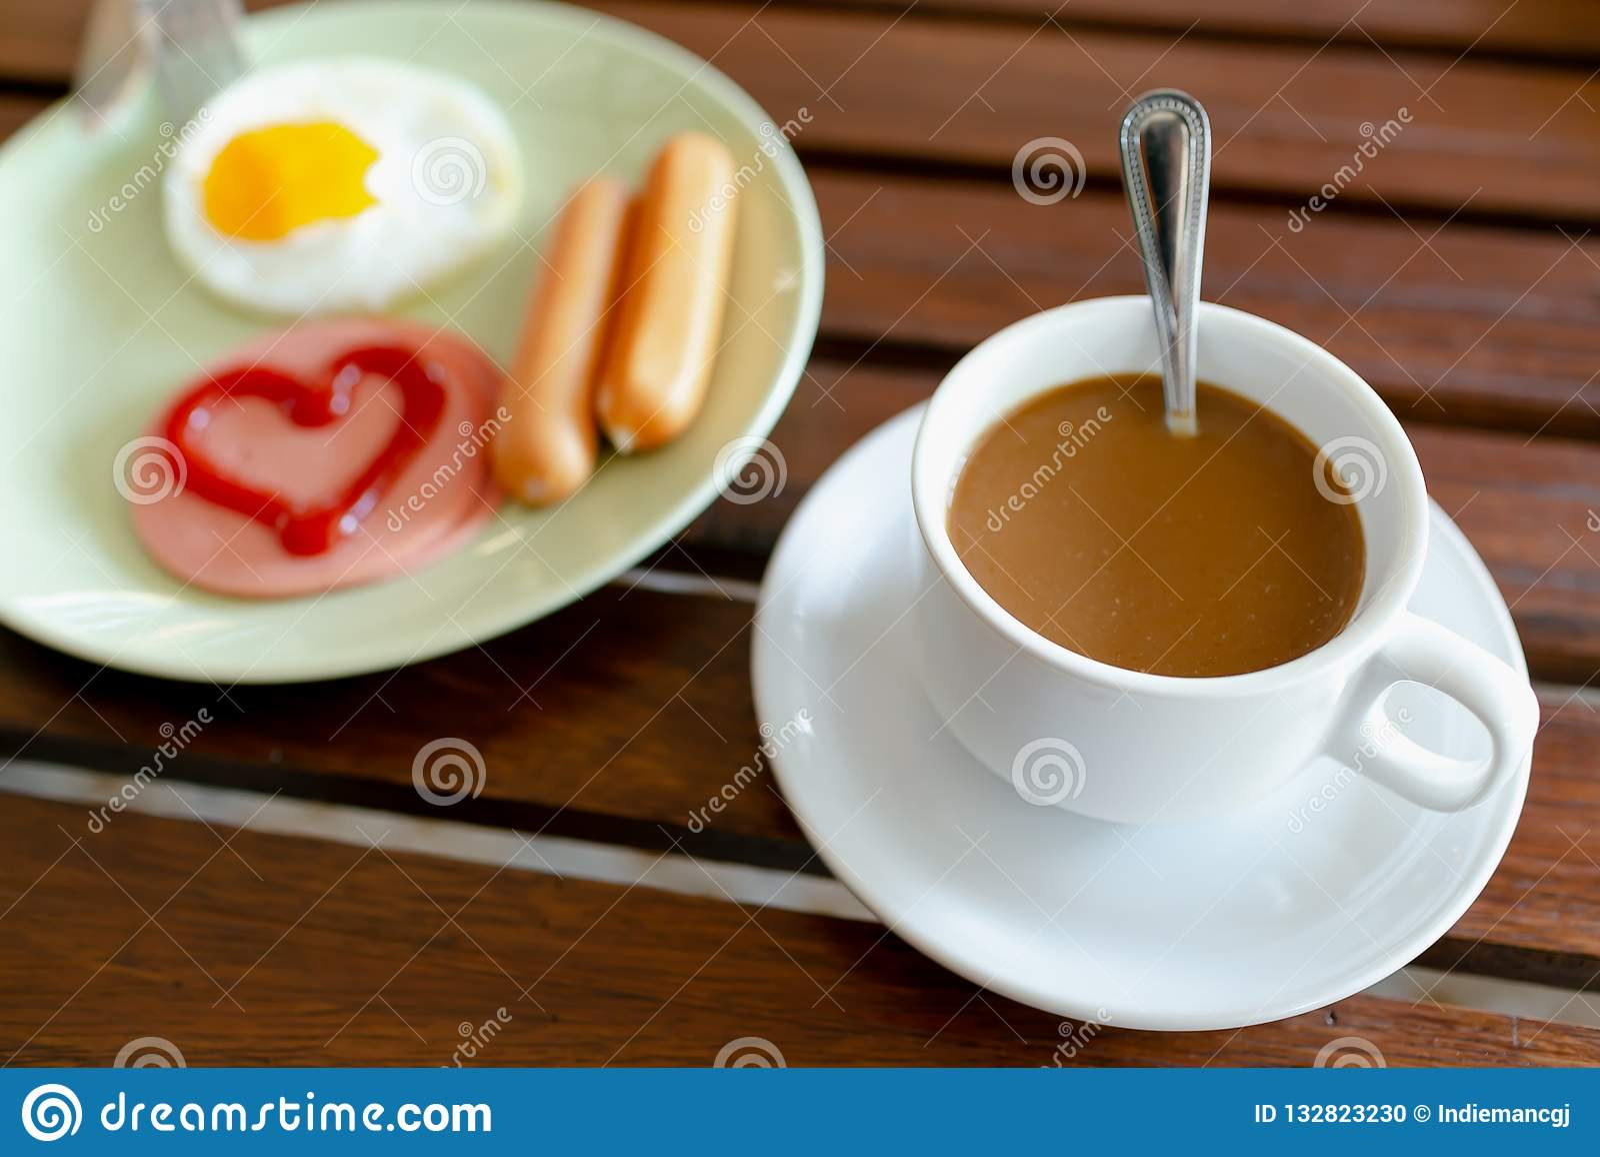 早餐、鸡蛋、香肠、火腿和无奶咖啡